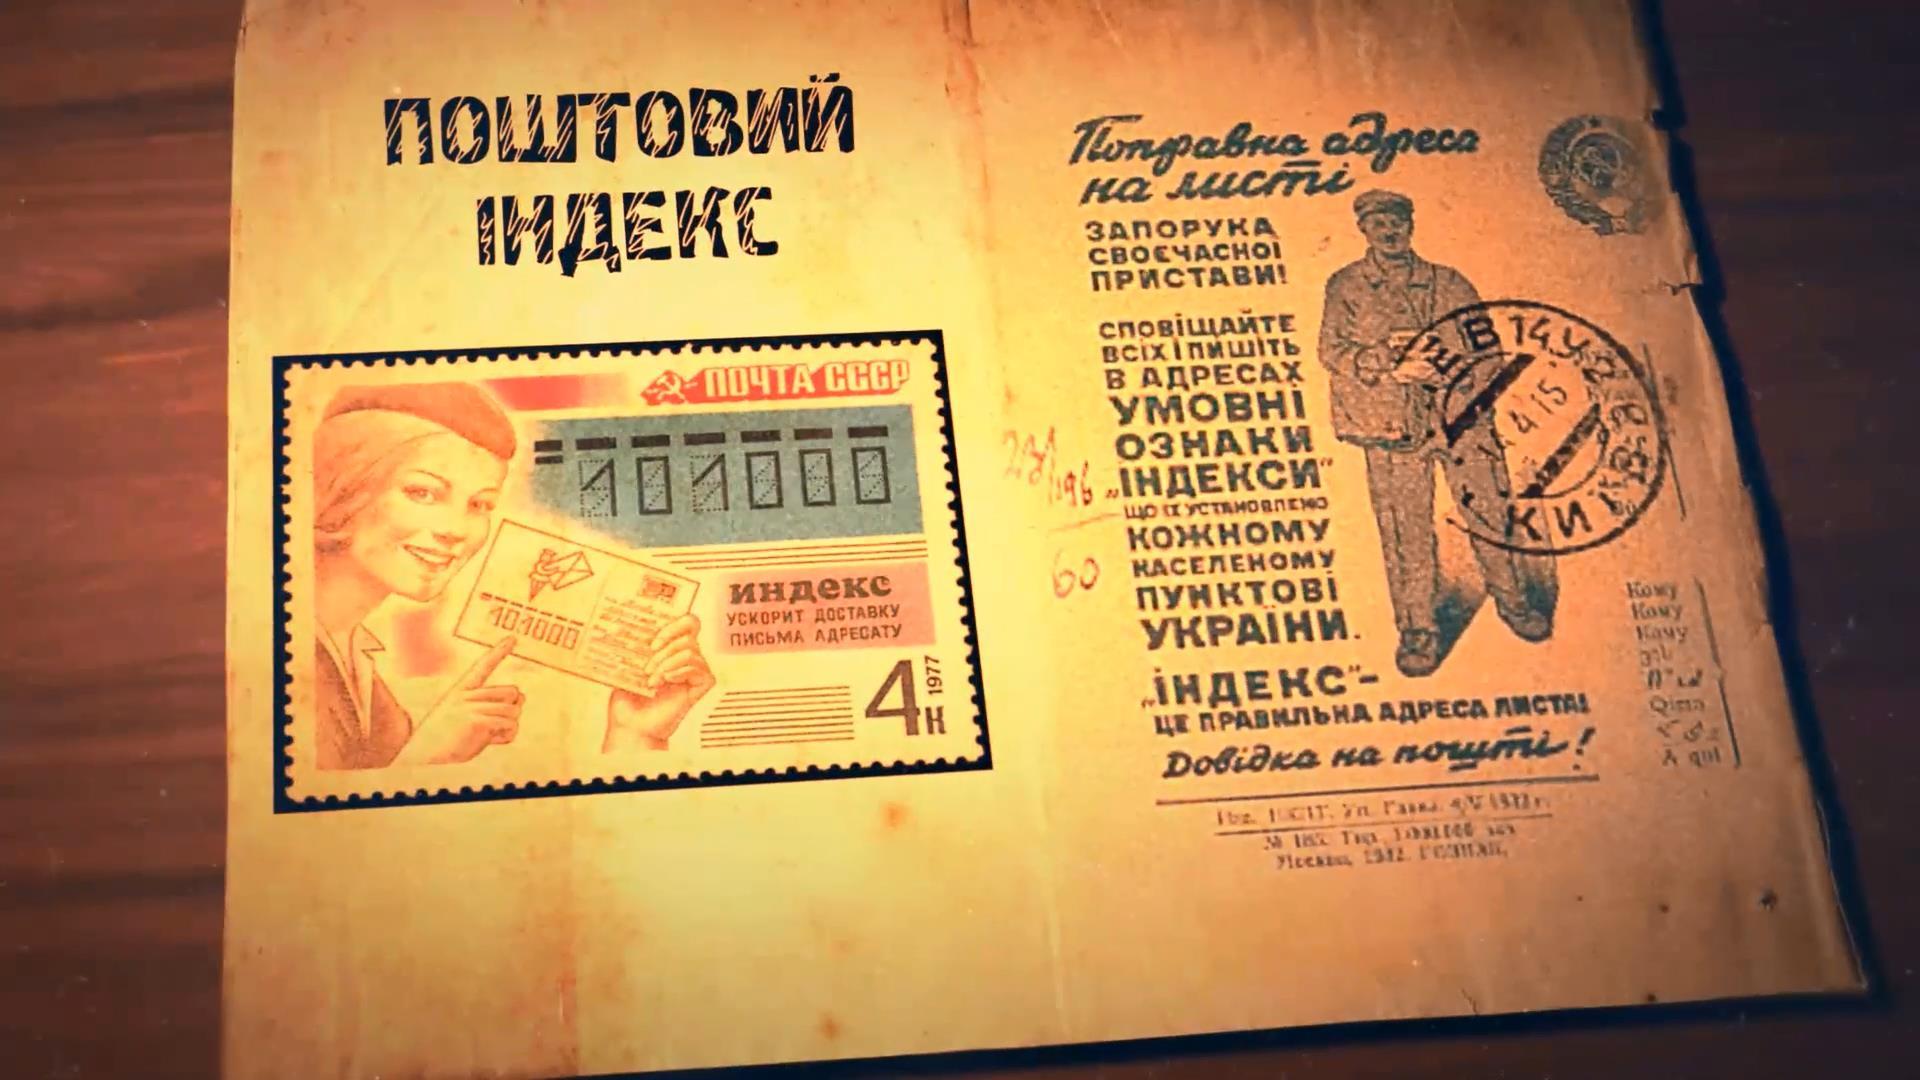 Поштові індекси винайшли в Україні -  - 495230